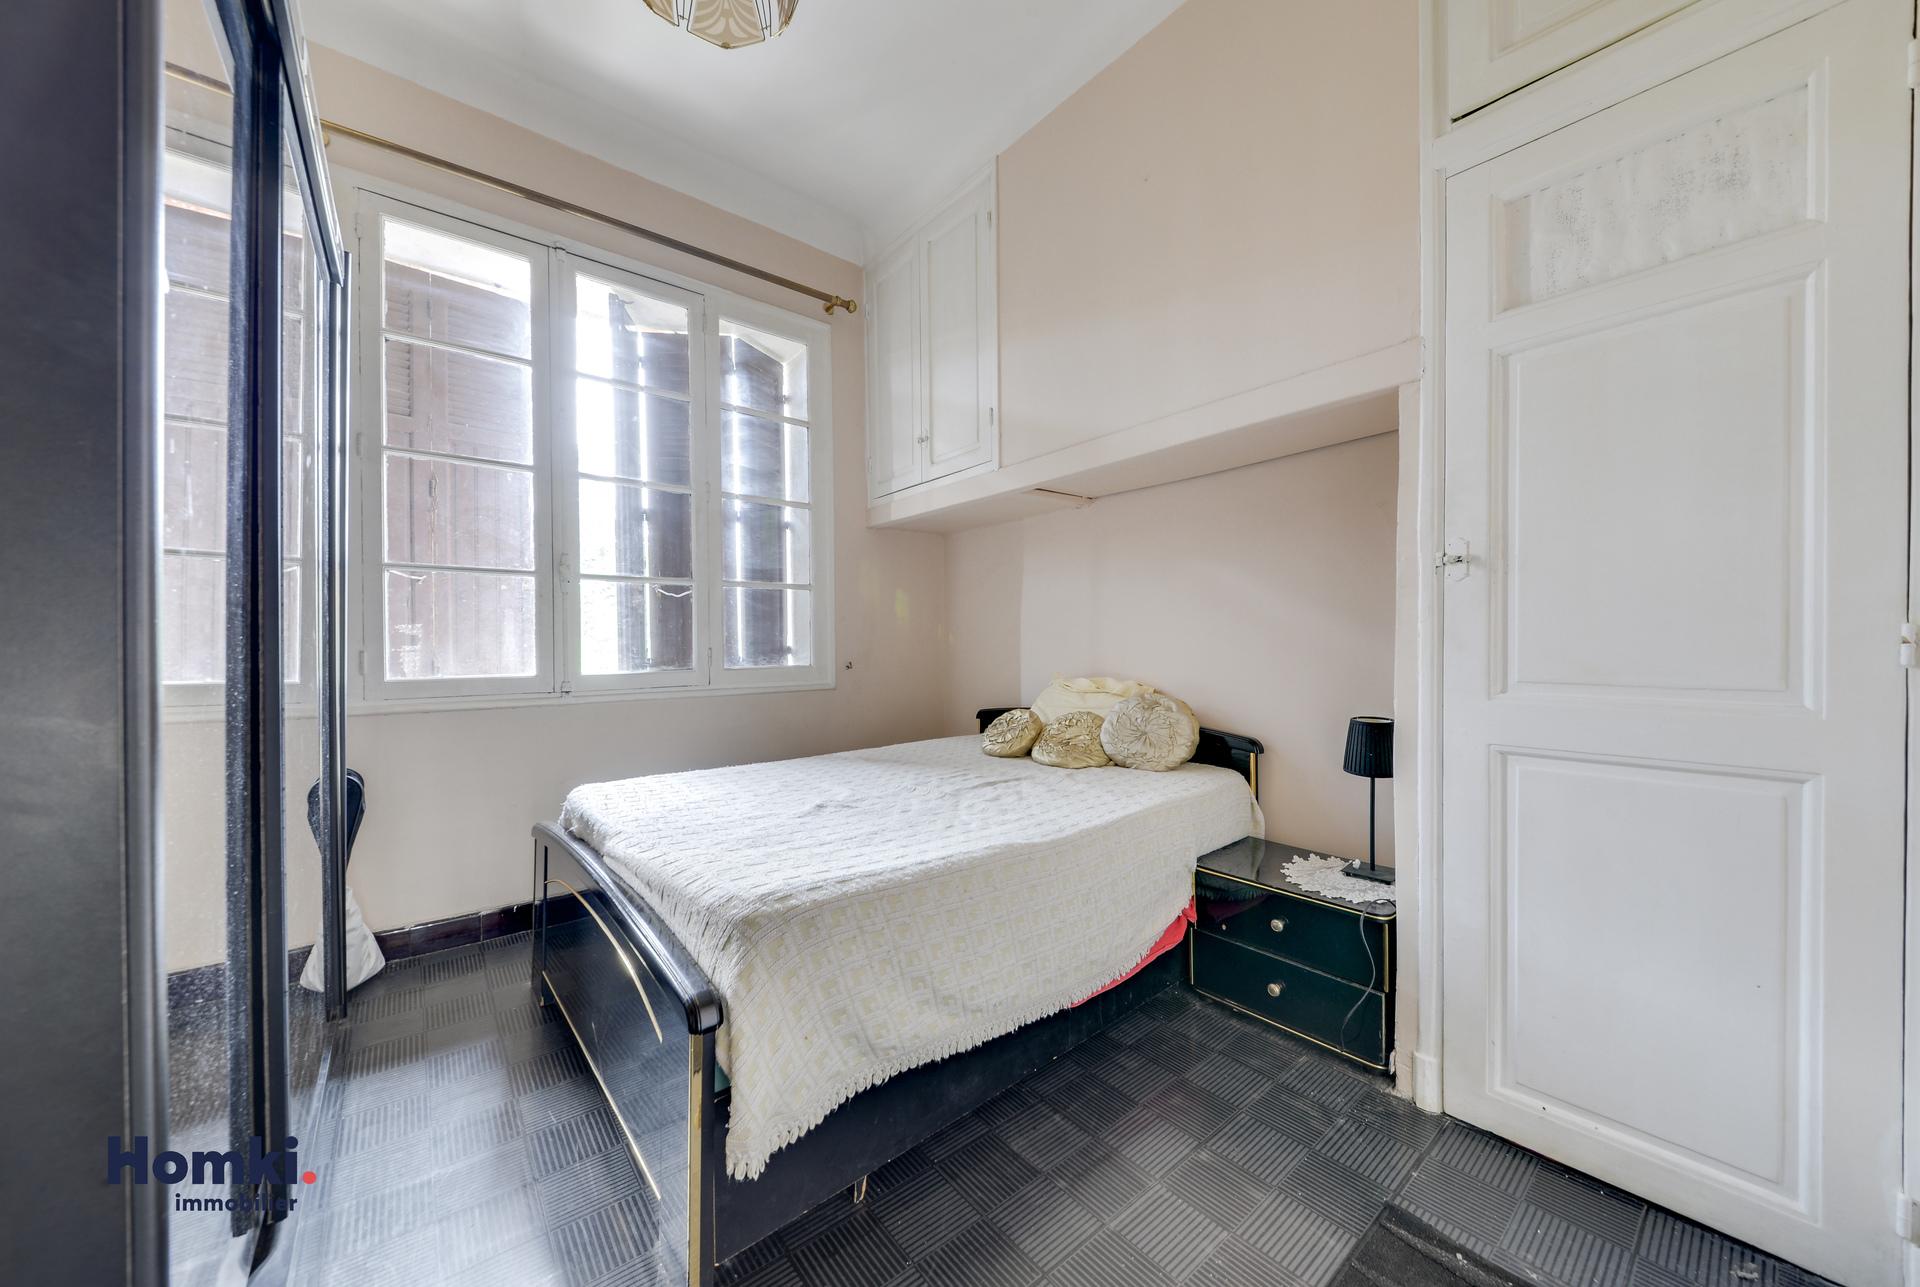 Vente maison 160m² T7 13013_8